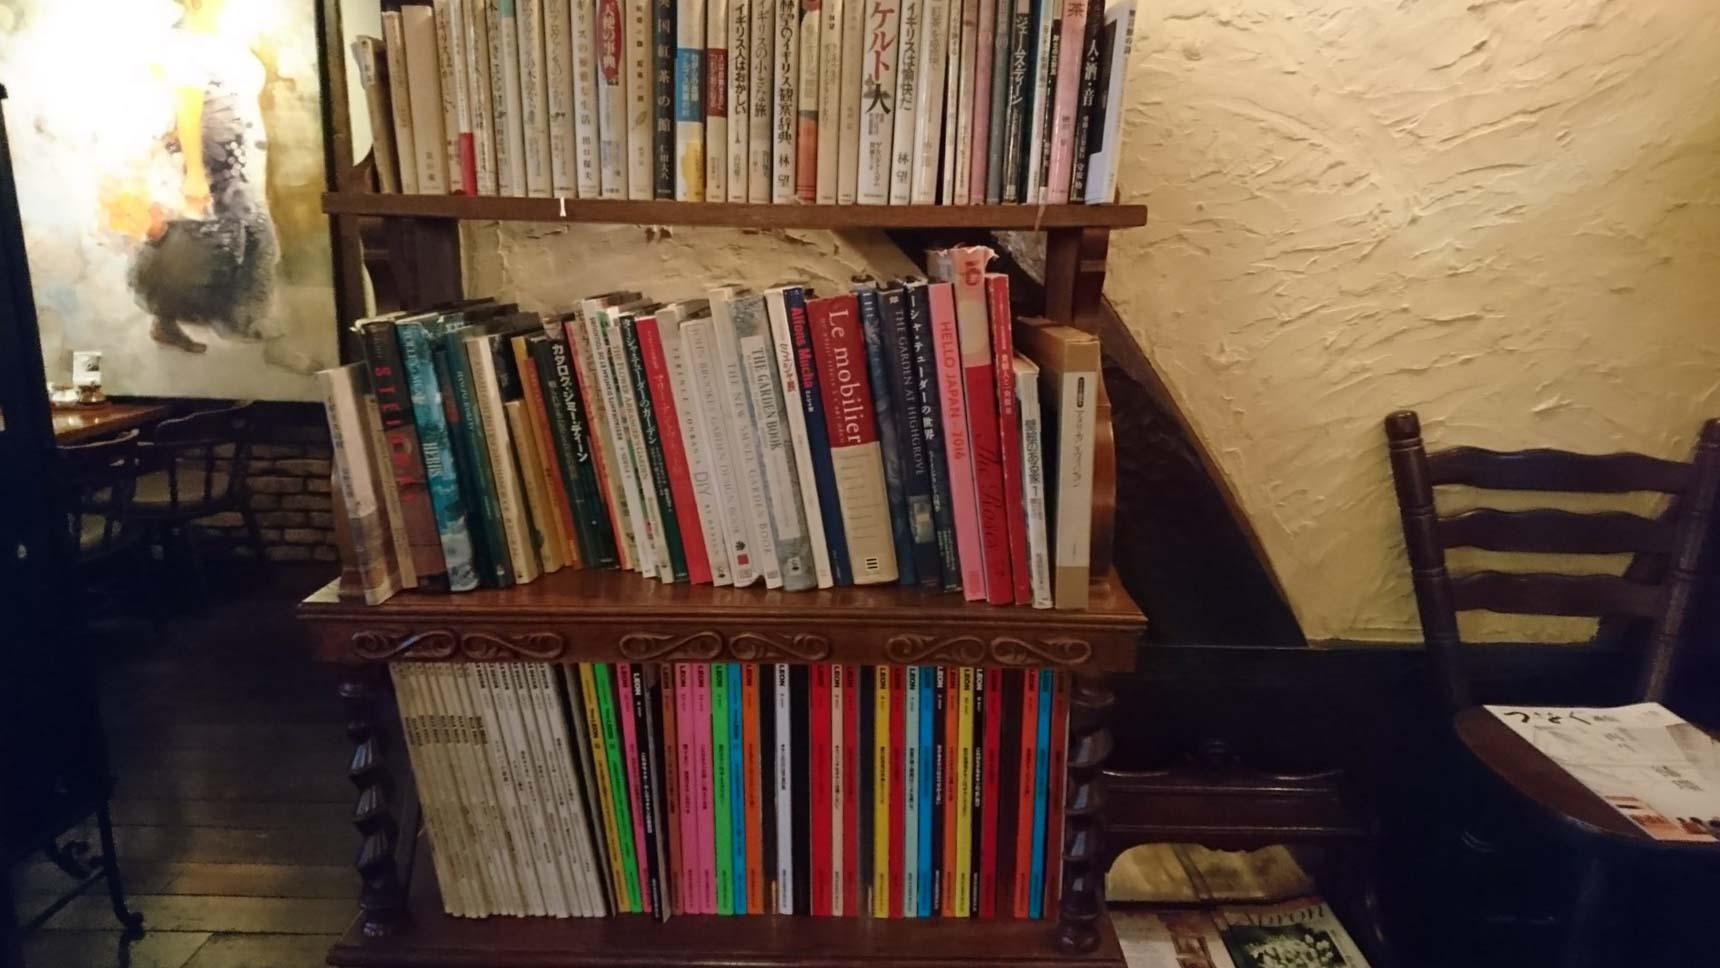 席で読める本や雑誌もあるほか、なんとWiFiも無料で使えます。空間を楽しみながら、ゆっくり長居してくださいね、というお店の心遣いが伝わってきます